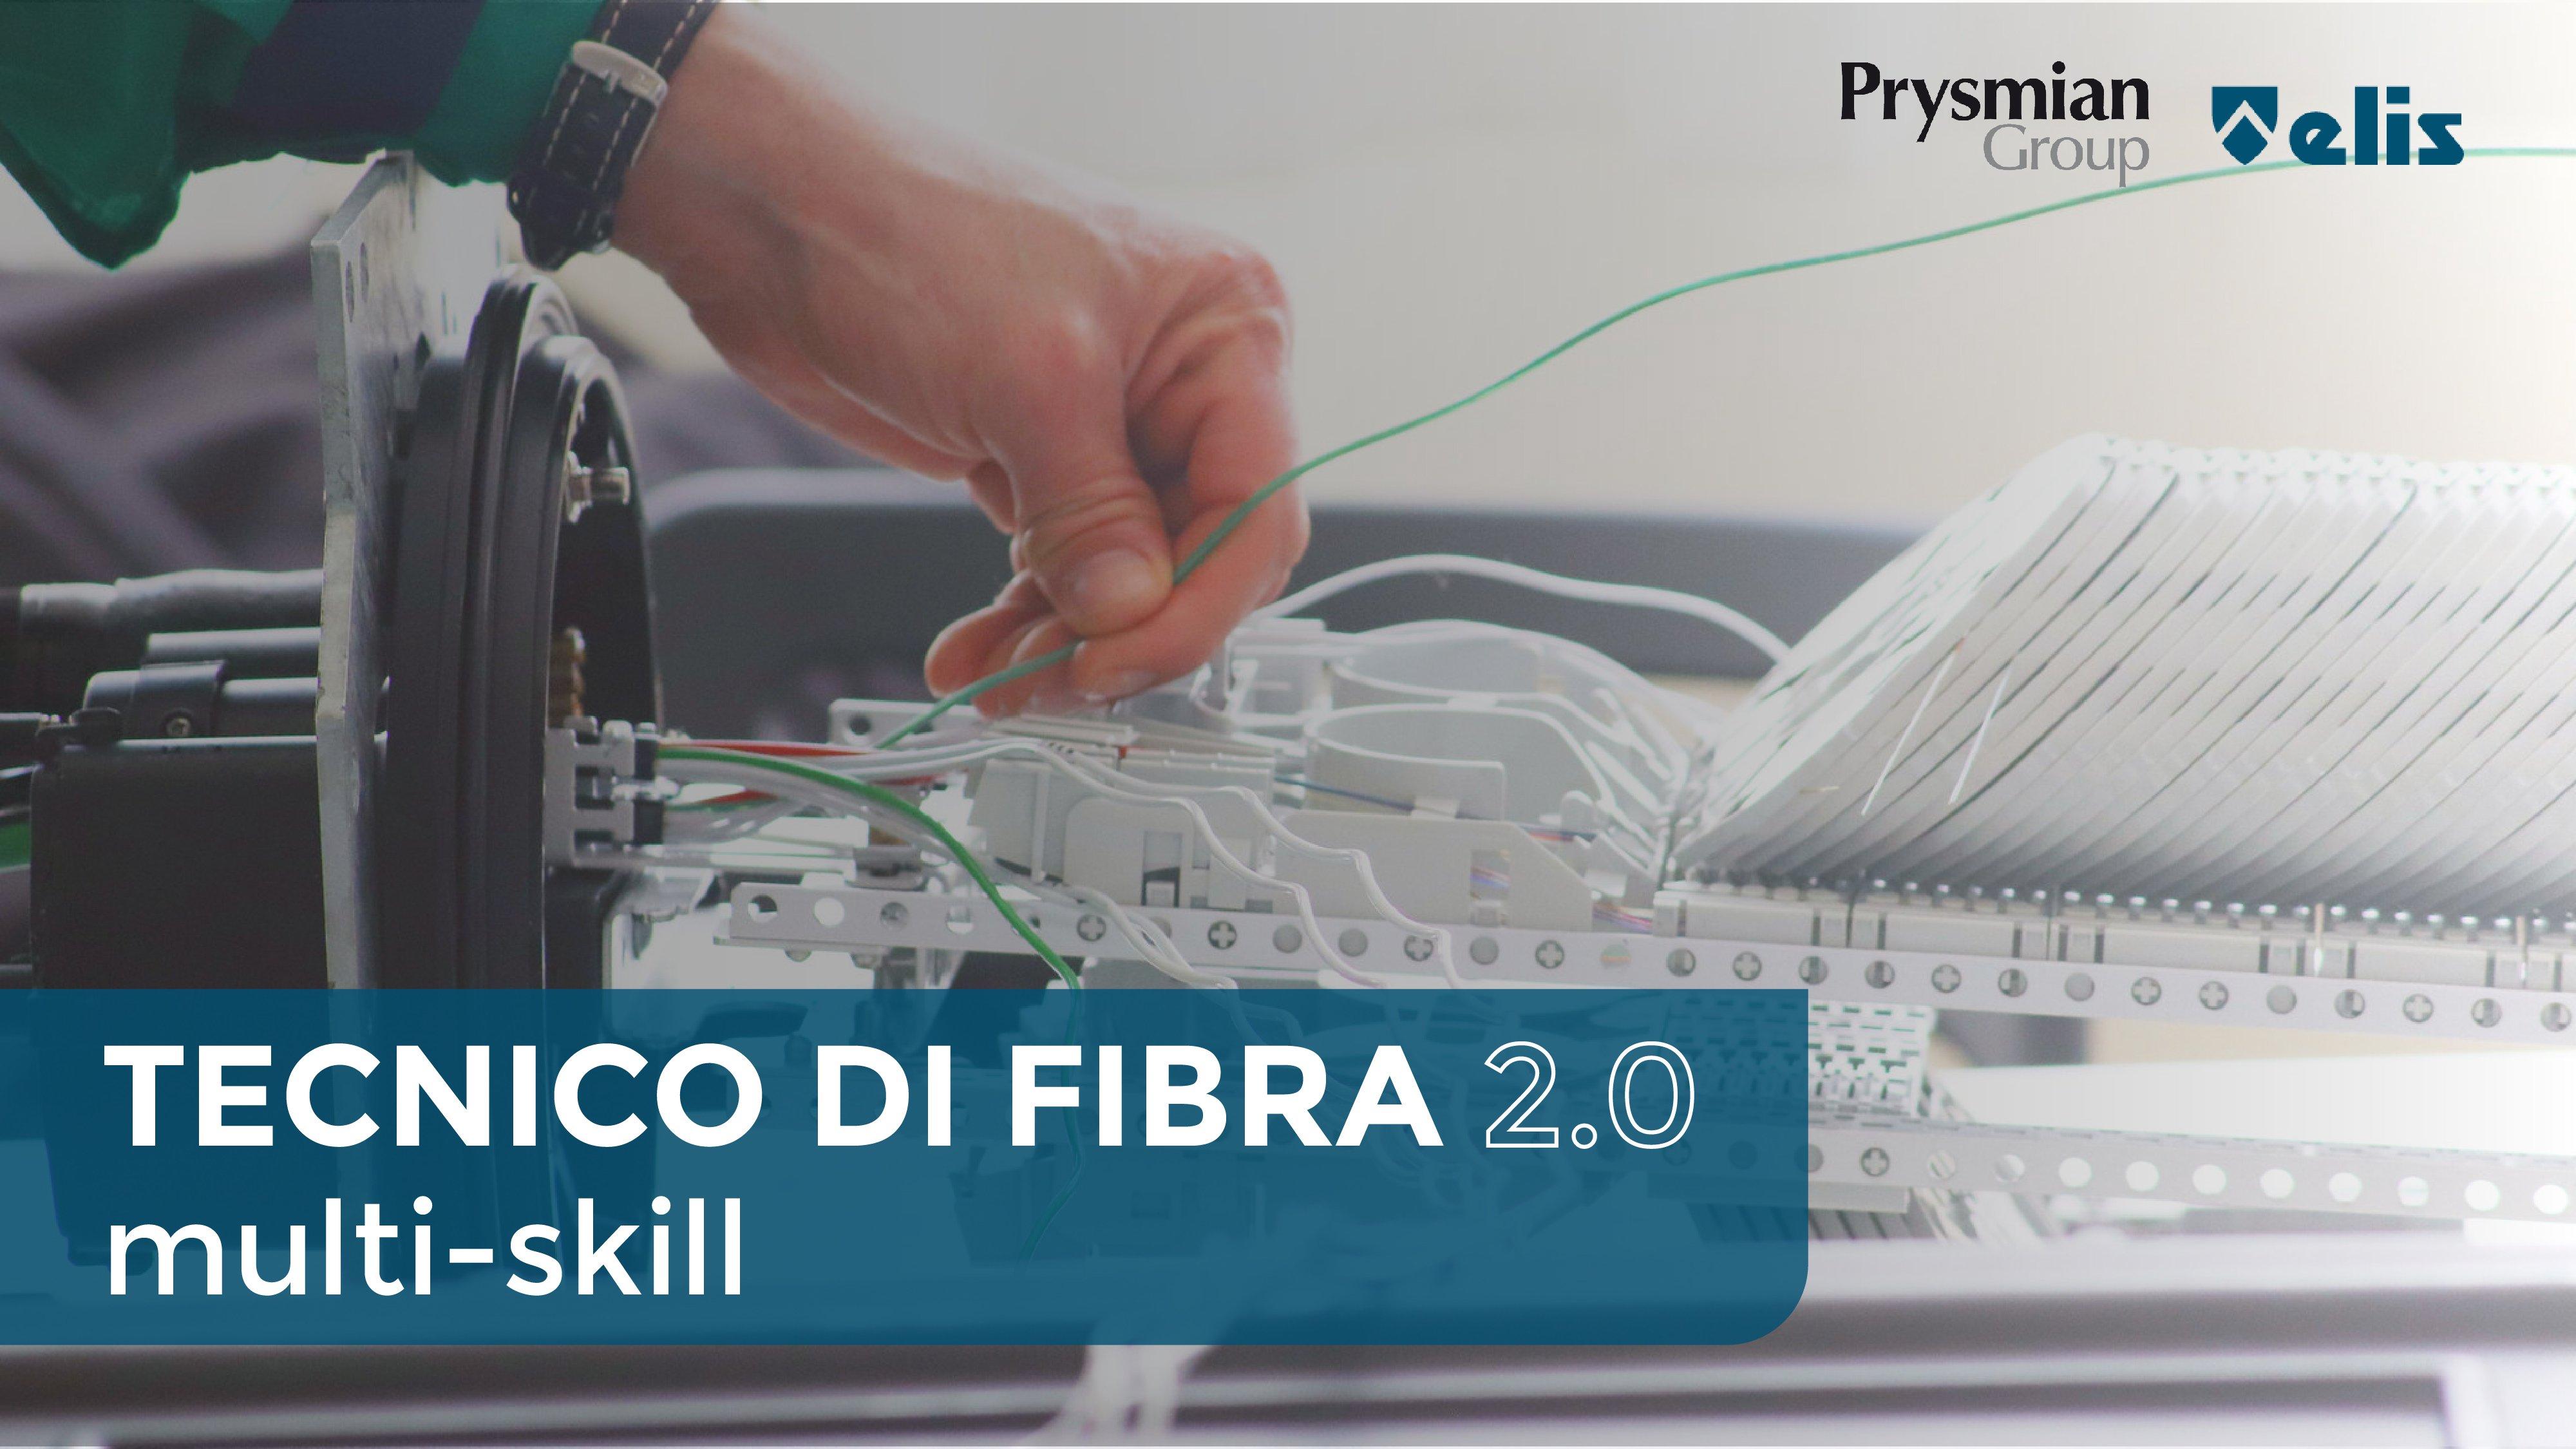 Tecnico di Fibra Ottica 2.0 multi-skill: capacità di collocamento professionale prossima al 100%